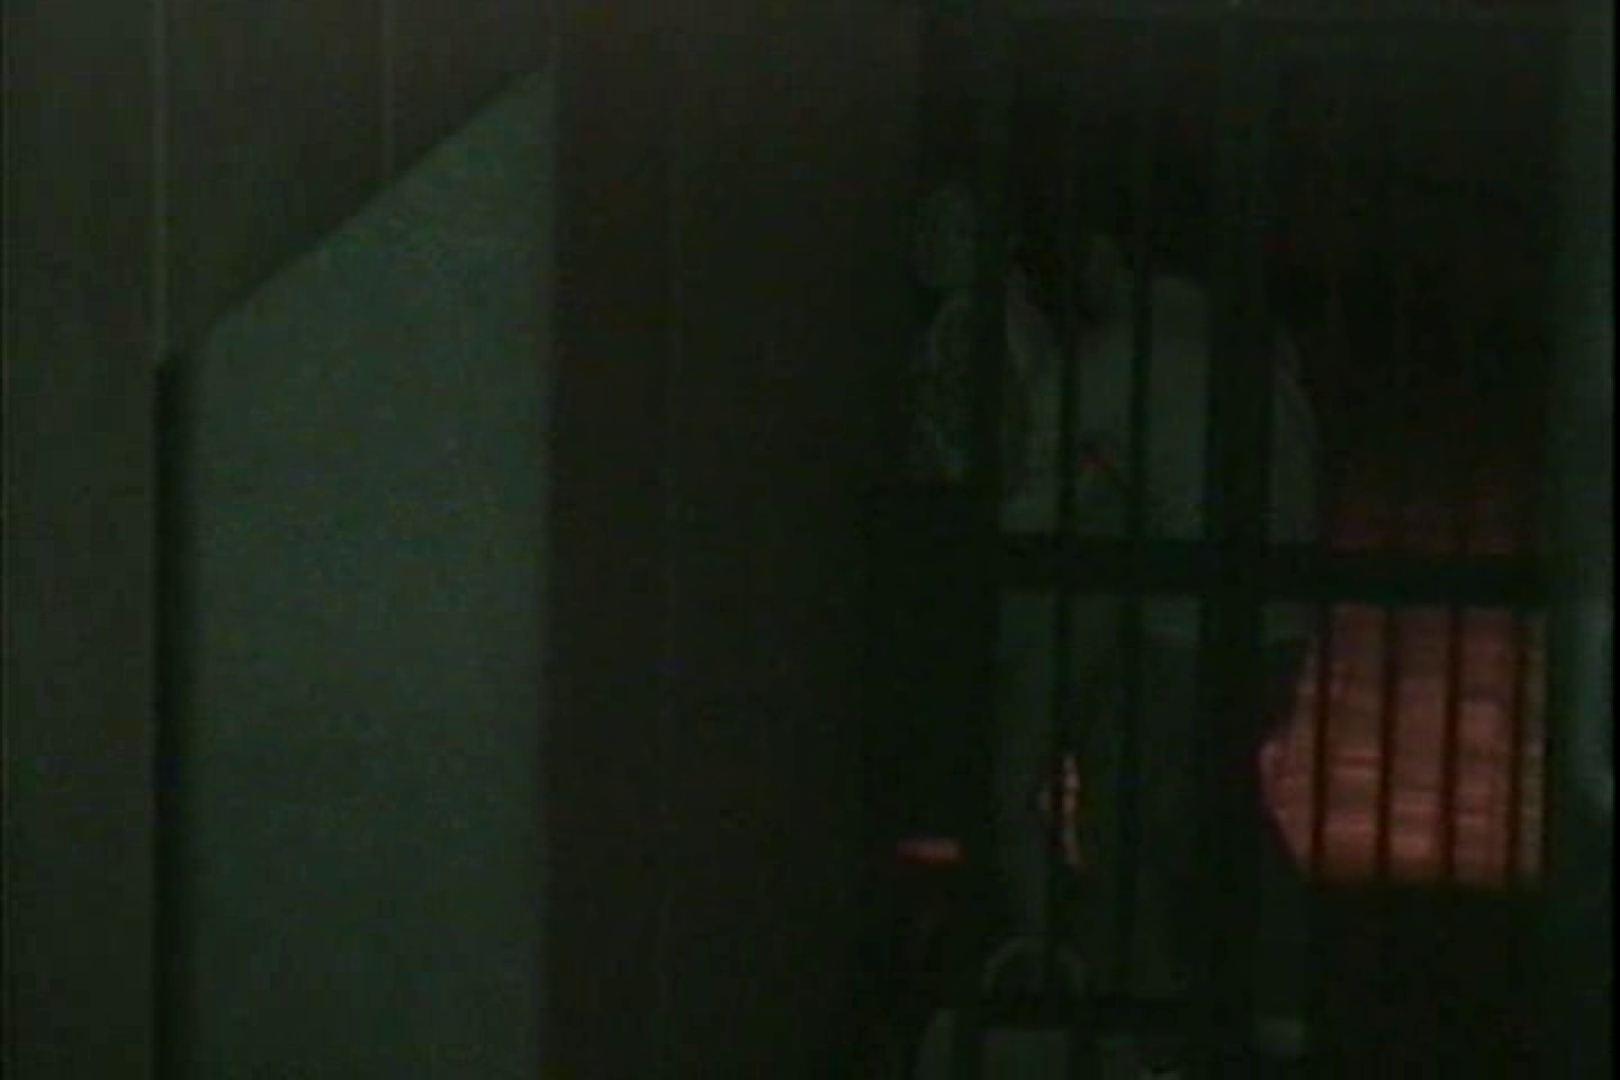 闇の仕掛け人 無修正版 Vol.19 フリーハンド | 制服  106pic 67